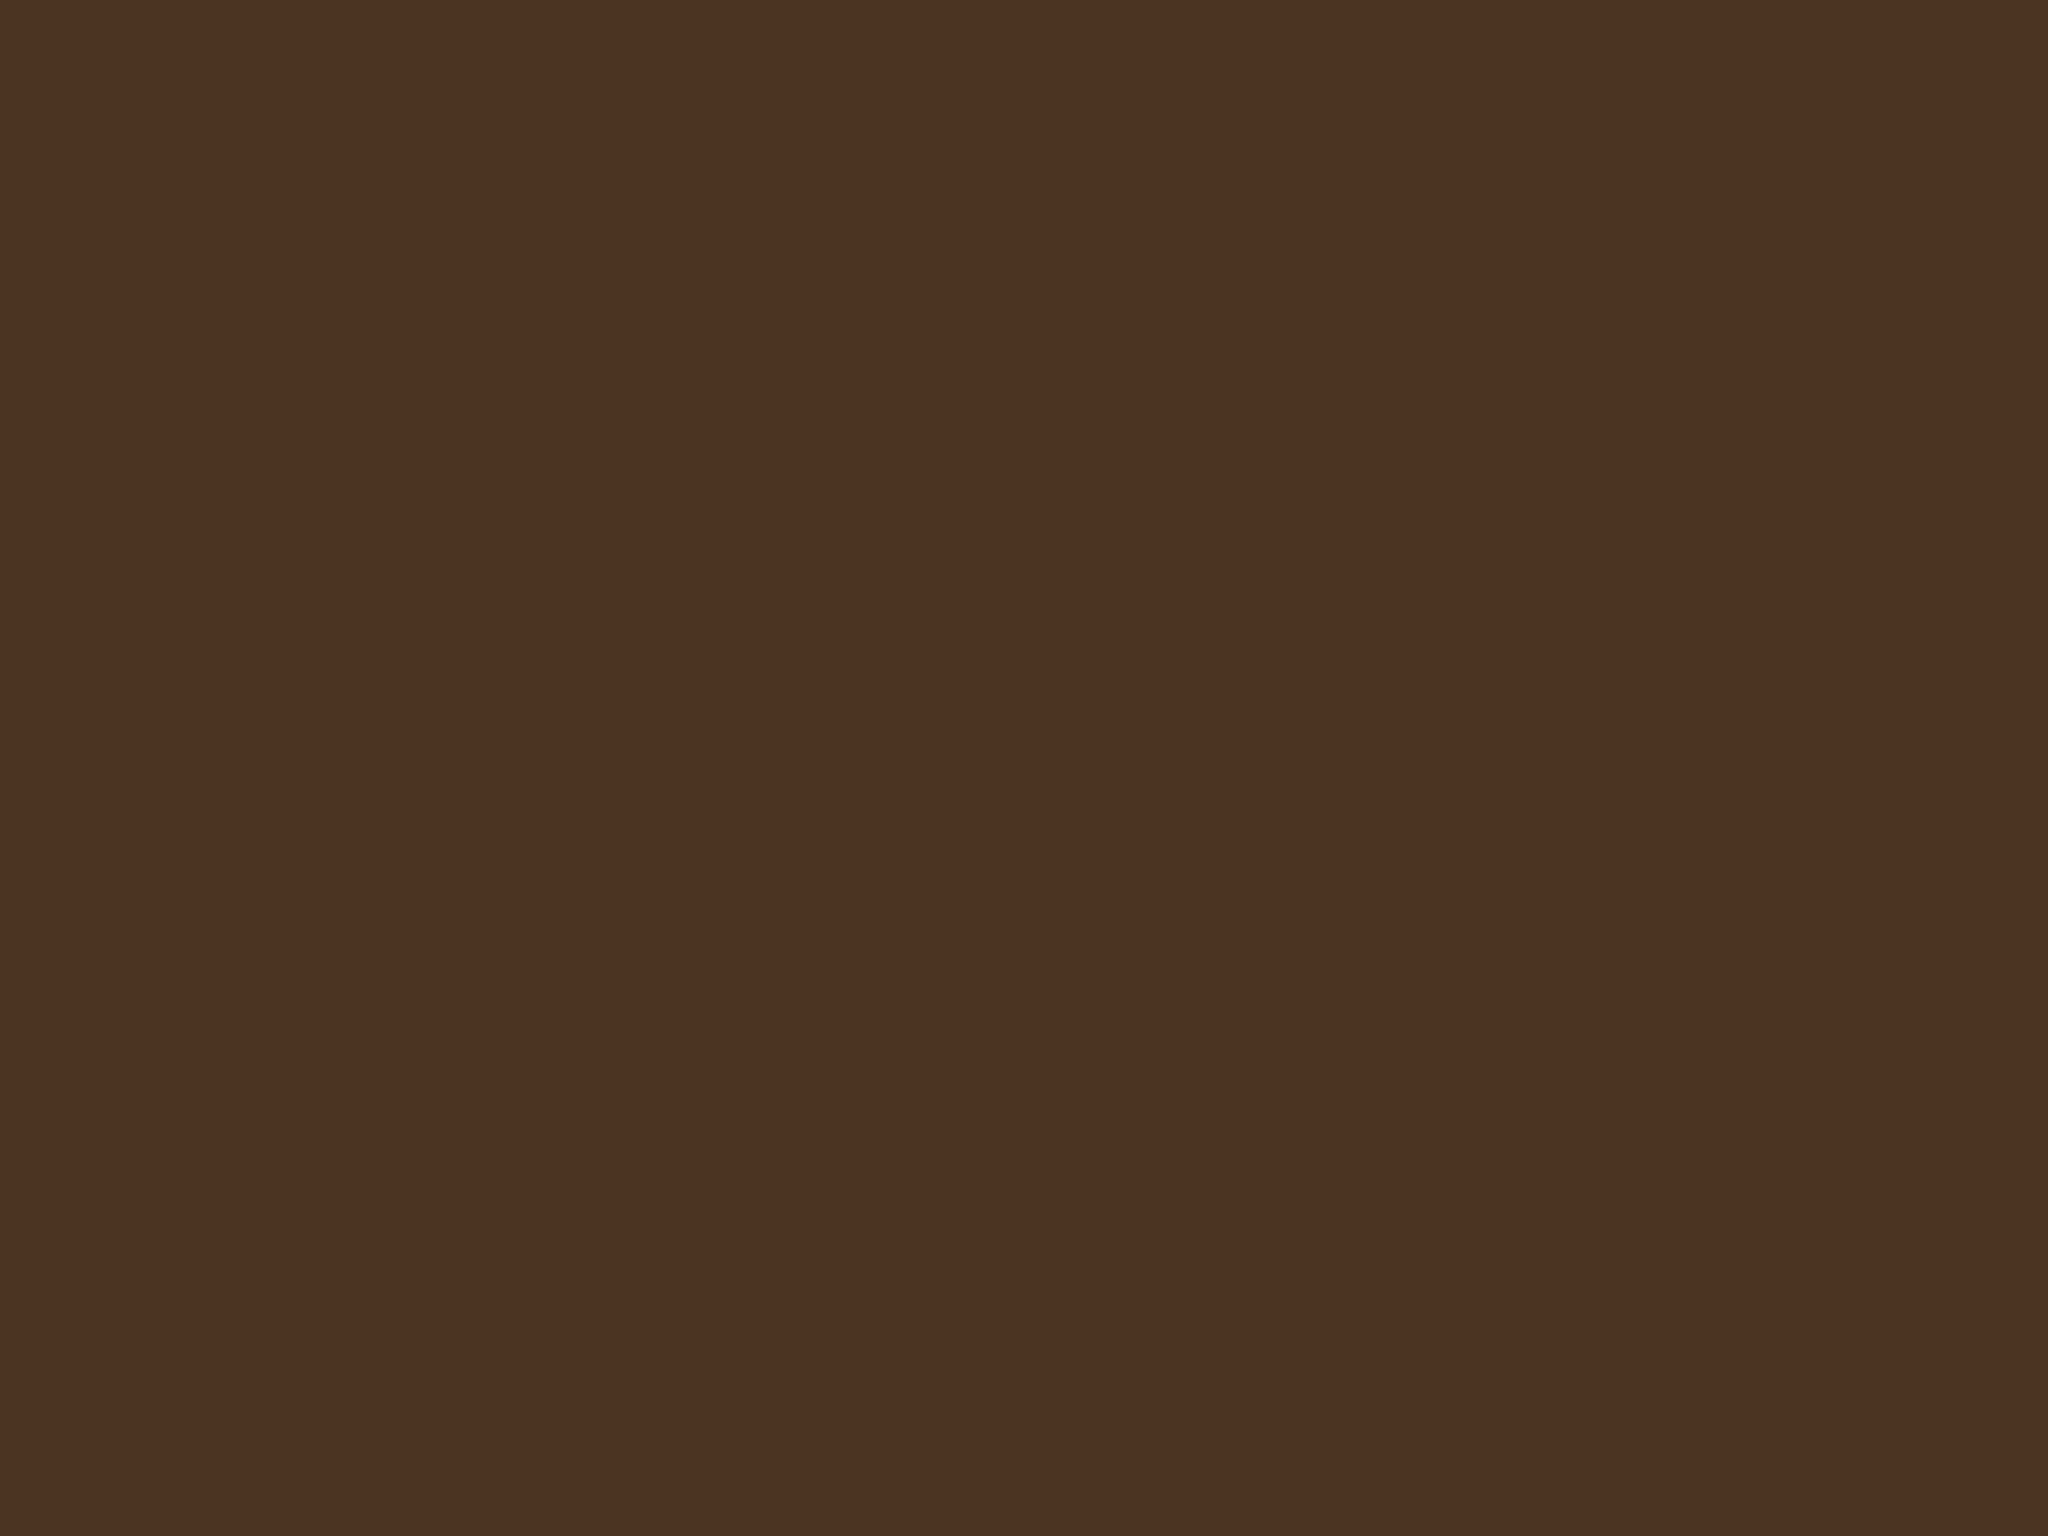 2048x1536 Cafe Noir Solid Color Background